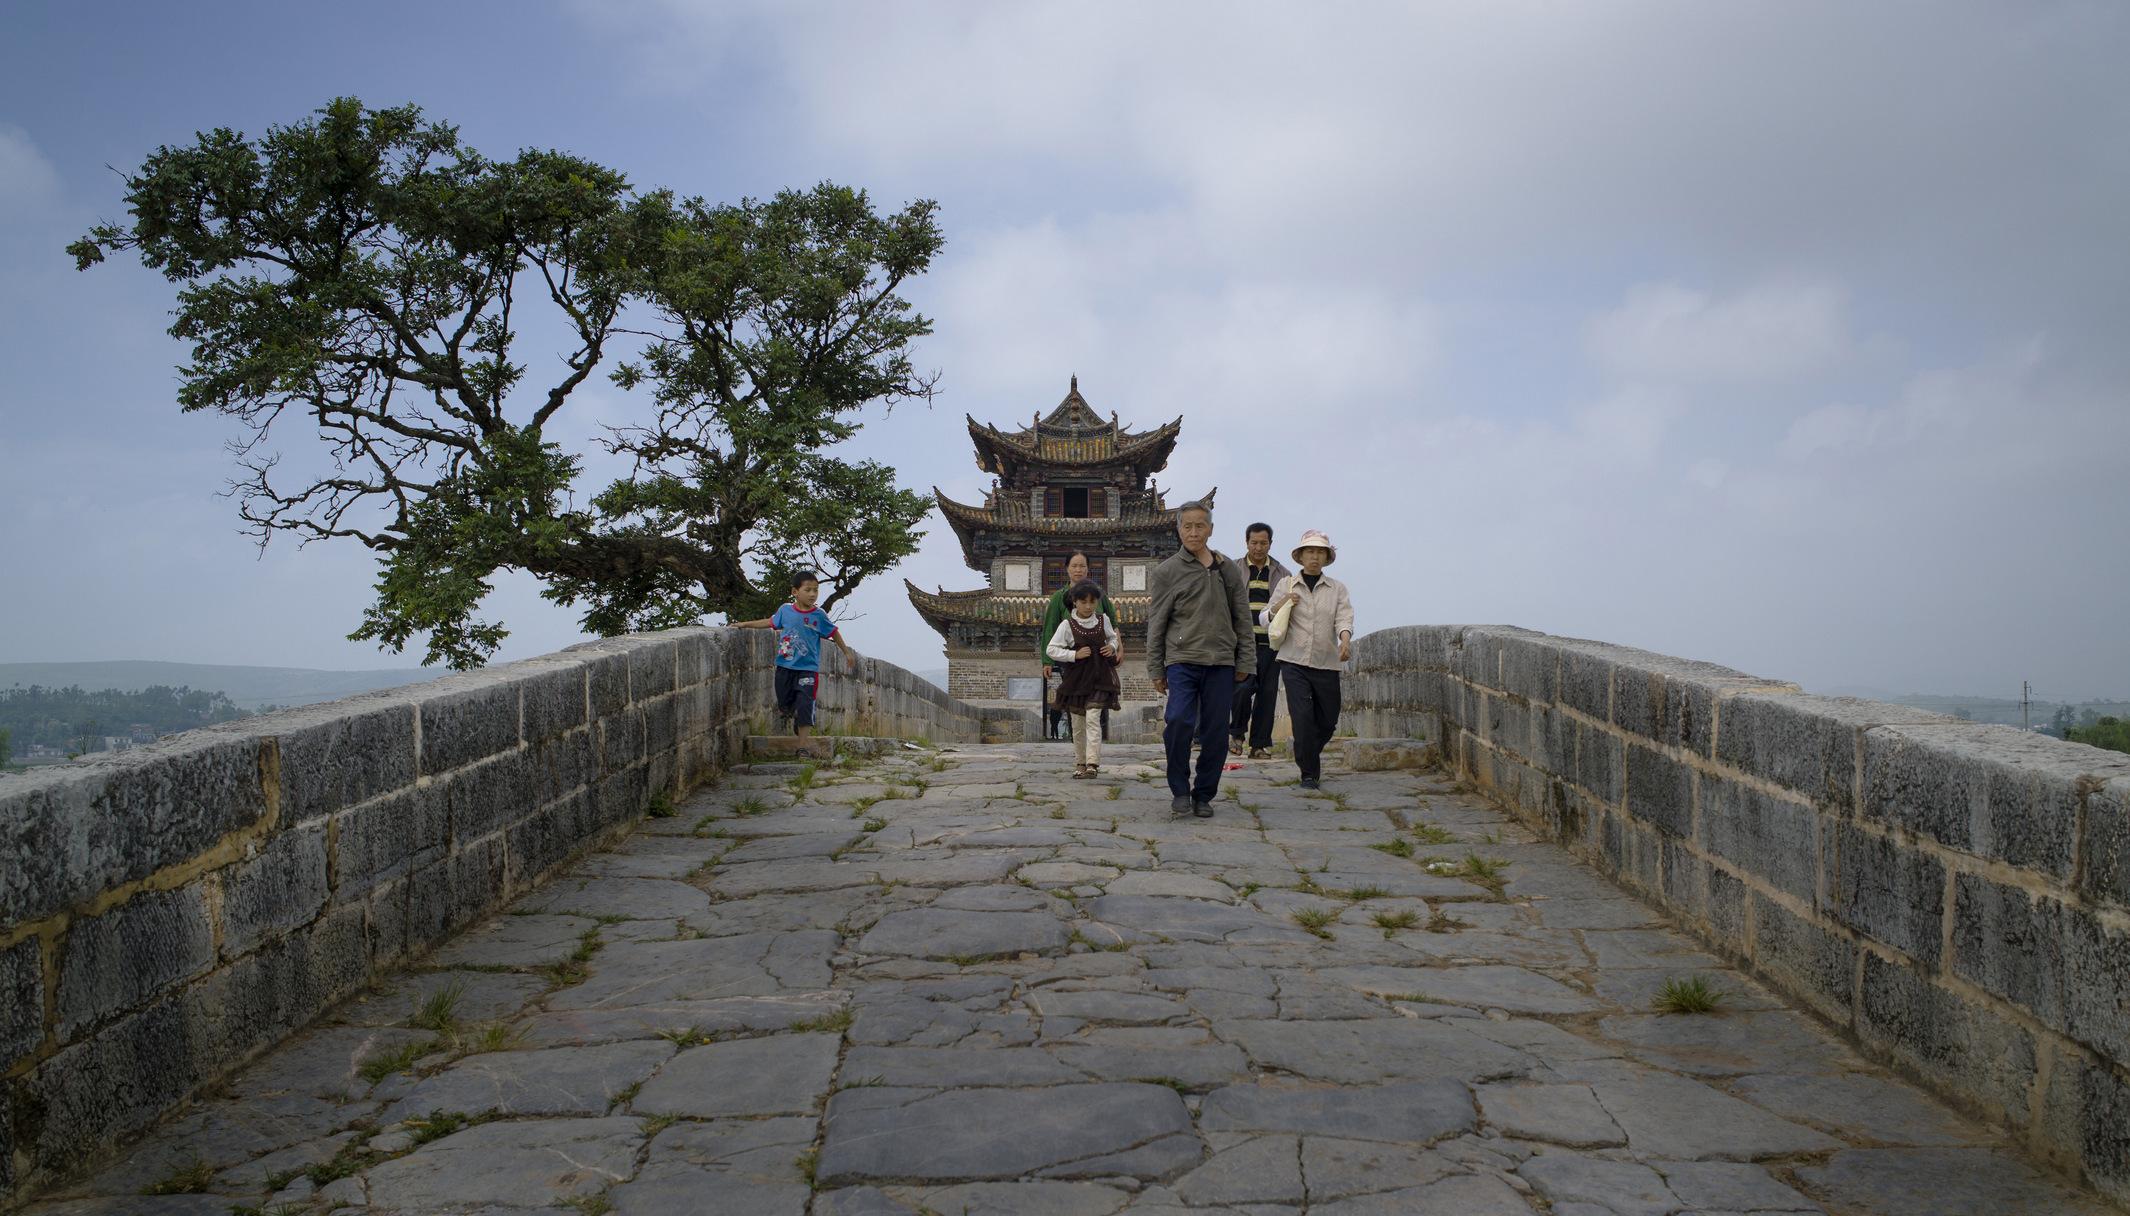 puente-Shuanglong-Viatges-tuareg-Pedro-Martin